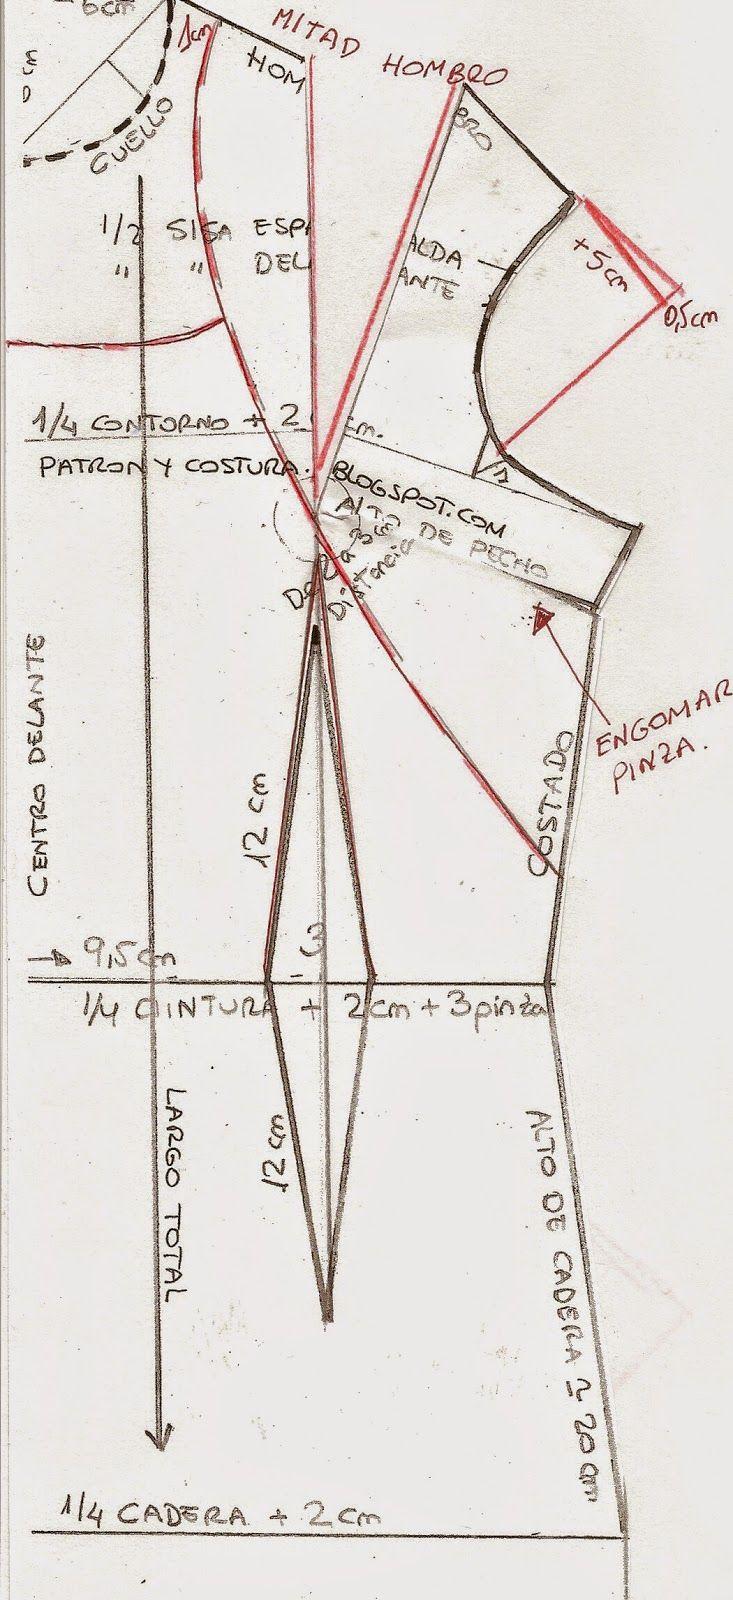 Hacemos el patrón del vestido entallado | Aprender manualidades es facilisimo.com